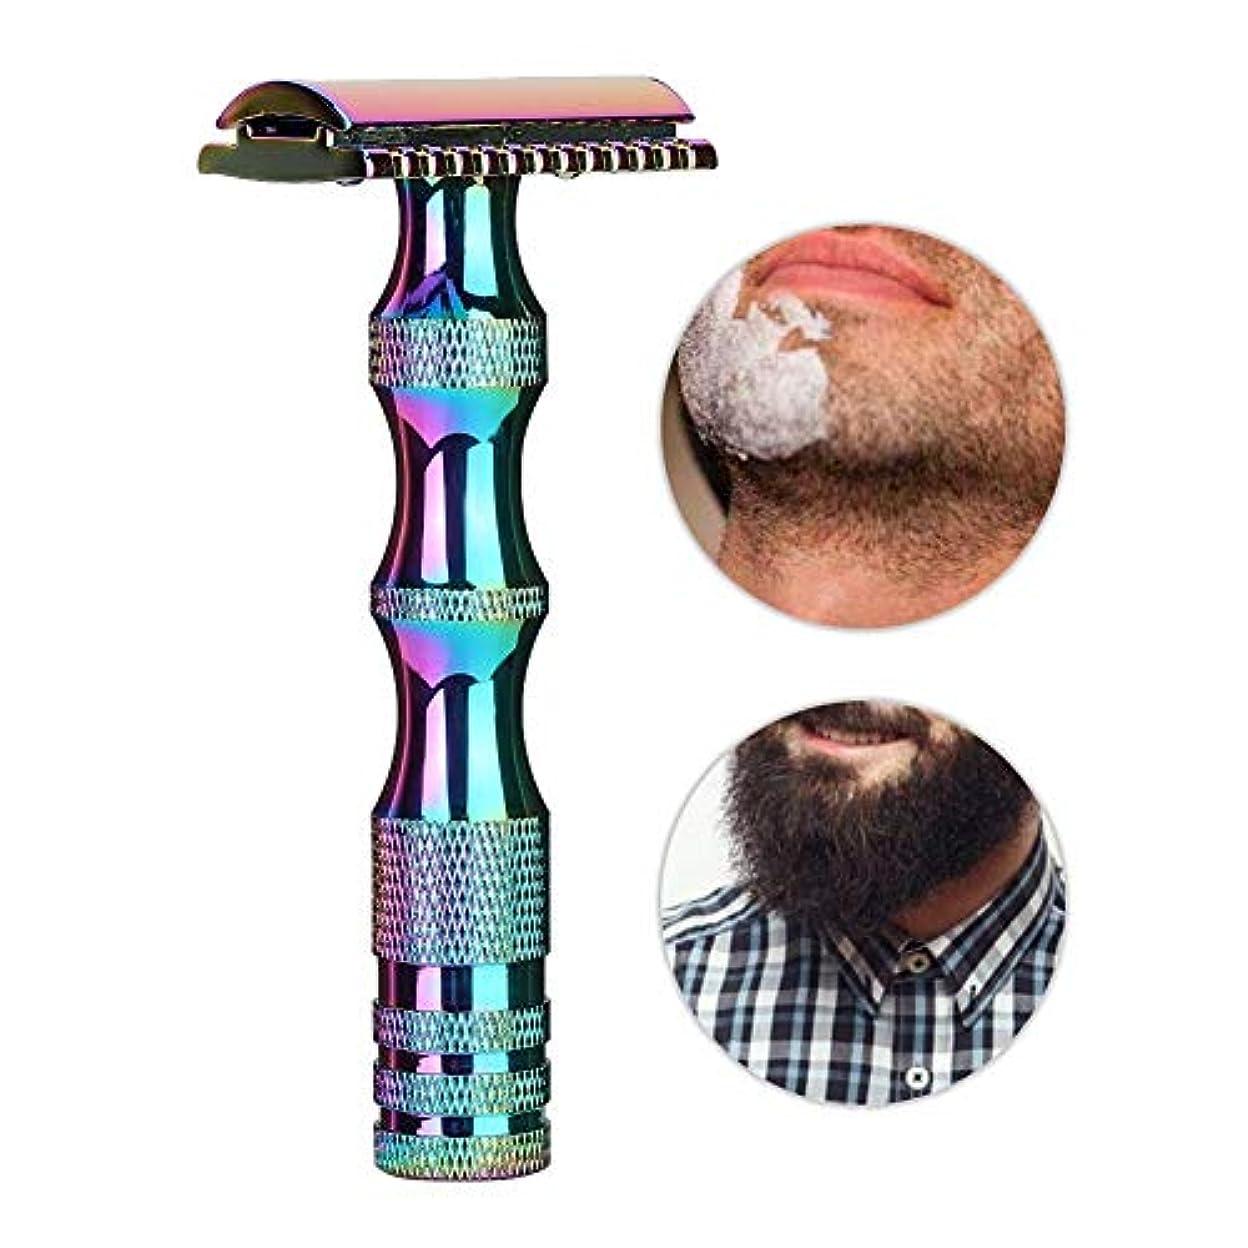 簡潔な実行お風呂安全剃刀、クラシックメンズ滑り止めメタルハンドルデュアルエッジシェーバーヴィンテージスタイルメンズ安全剃刀、スムーズで快適な髭剃り(Colorful)